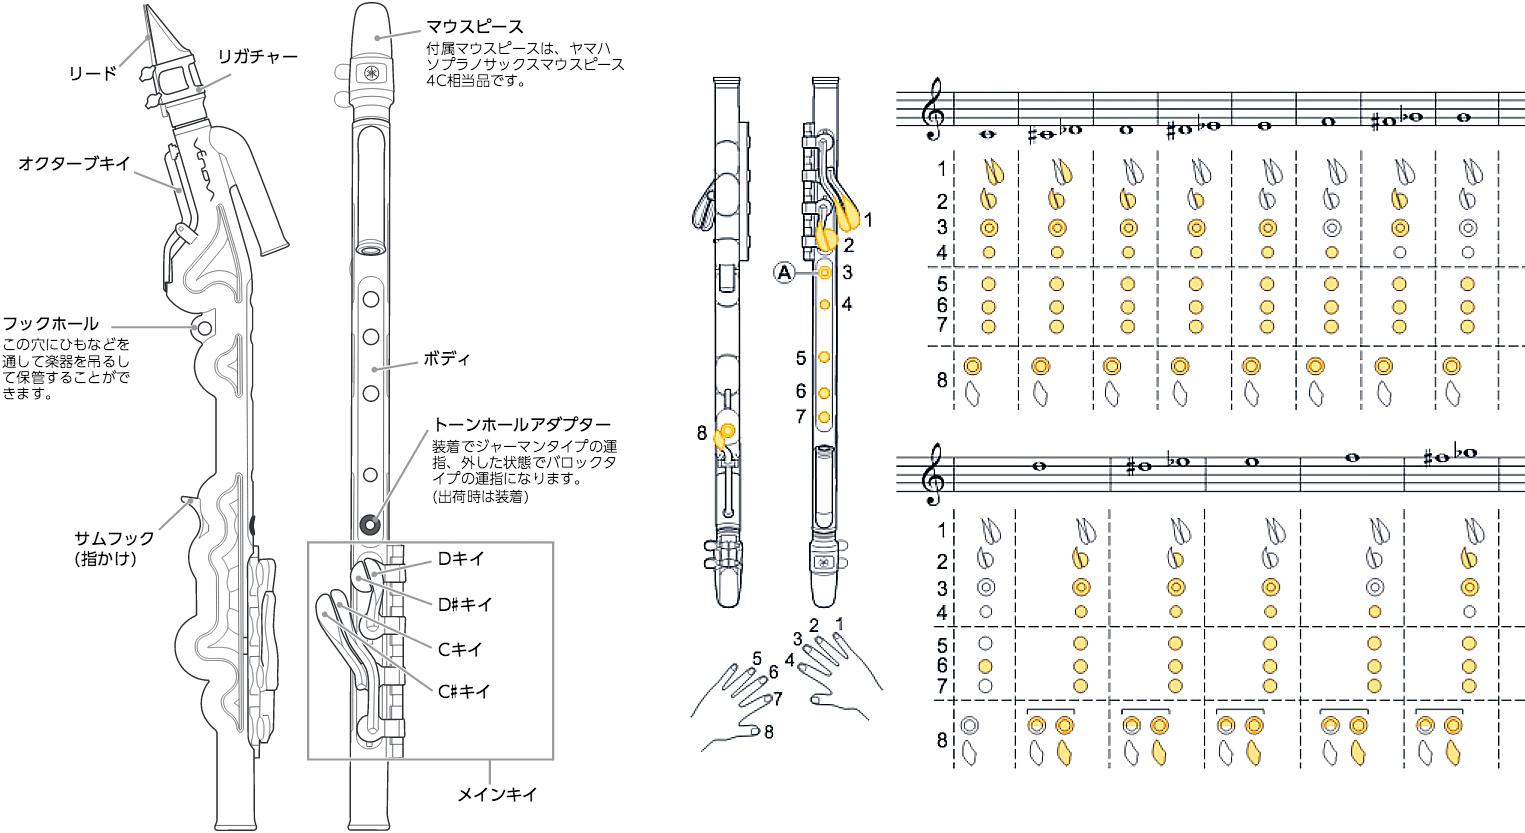 【楽天市場】YAMAHA ( ヤマハ ) YVS-100 ヴェノーヴァ カジュアル 管楽器 ソプラノサックス